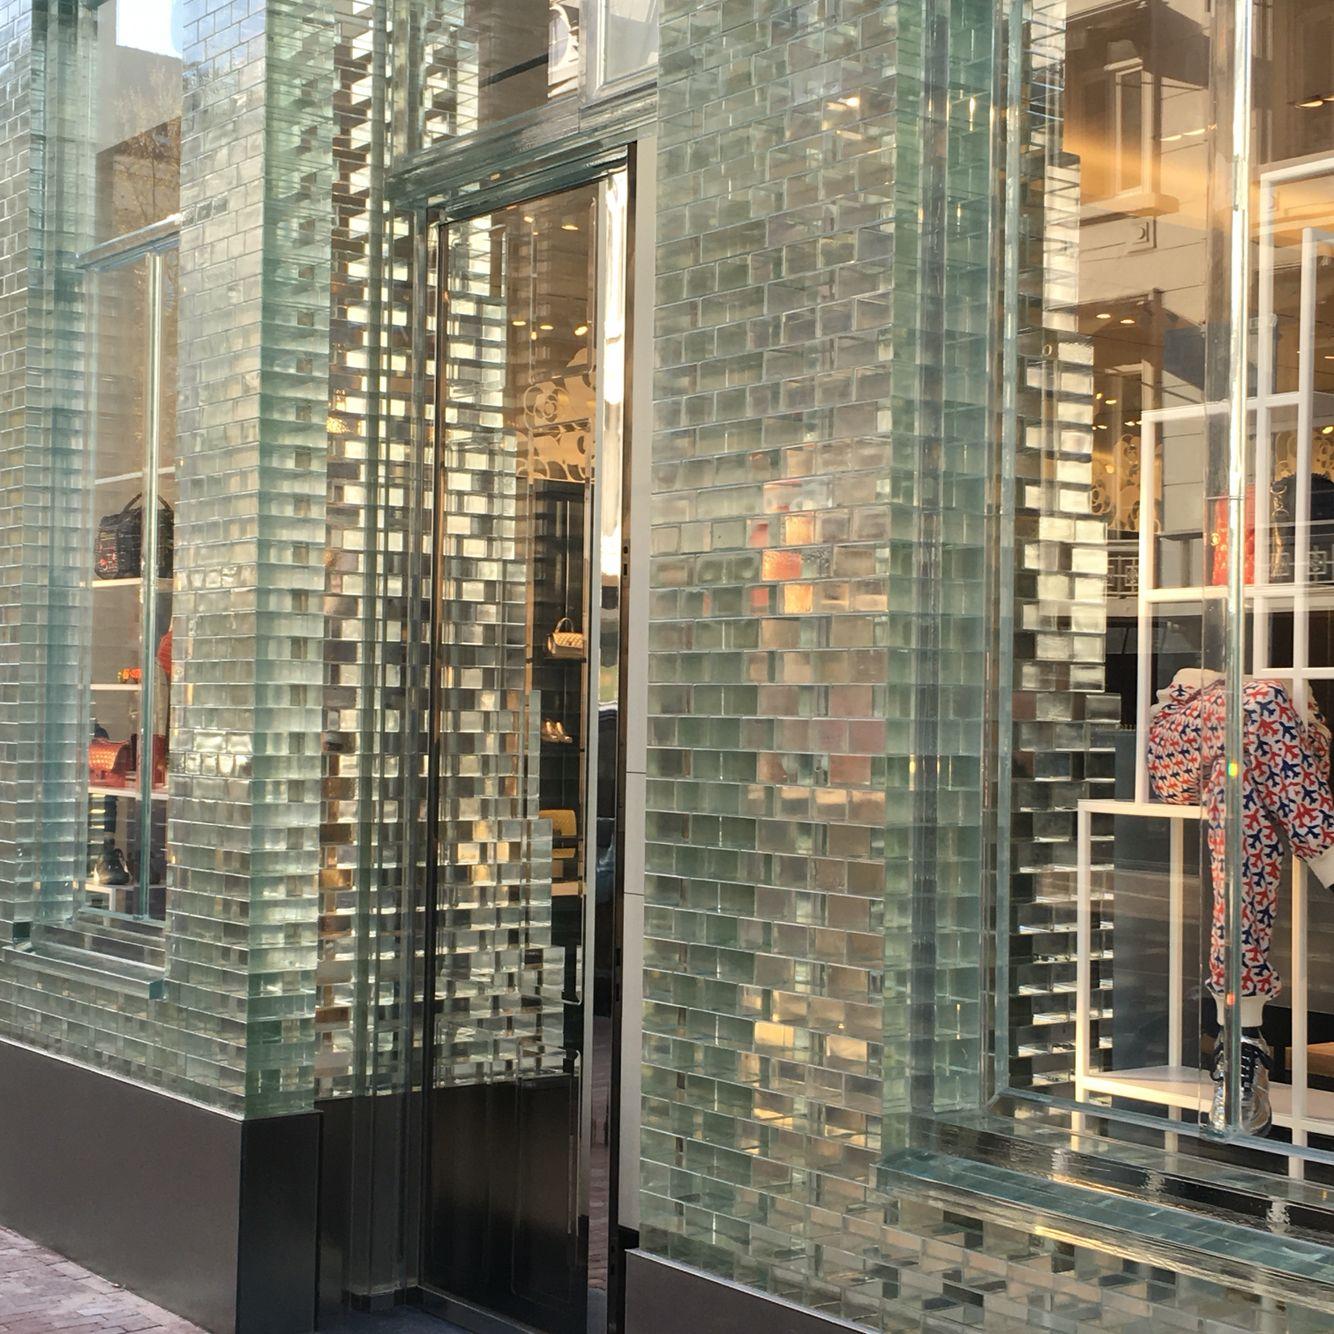 Poesia Brique De Verre detail front shop chanel amsterdam | bricks glass